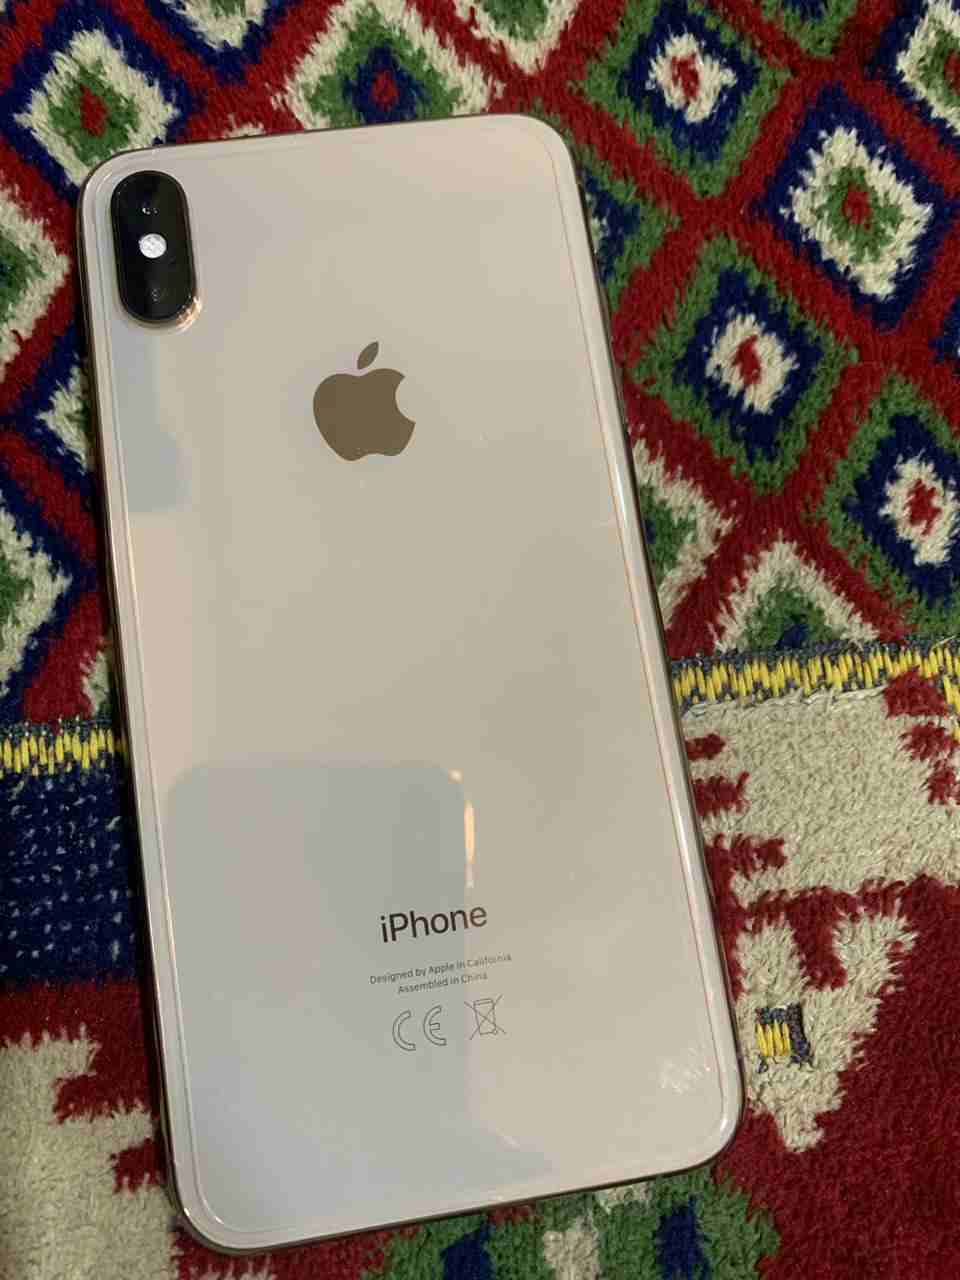 iPhone 11 64GB - $ 650 USDiPhone 11 128GB - $ 710 USDiPhone 11 256GB - $ 770 USDiPhone 11 Pro 64GB - $ 720 USDiPhone 11 Pro 256GB - $ 750 USDiPhone 11 Pro 512GB-  الاحساء الهفوف لا تنسَ...